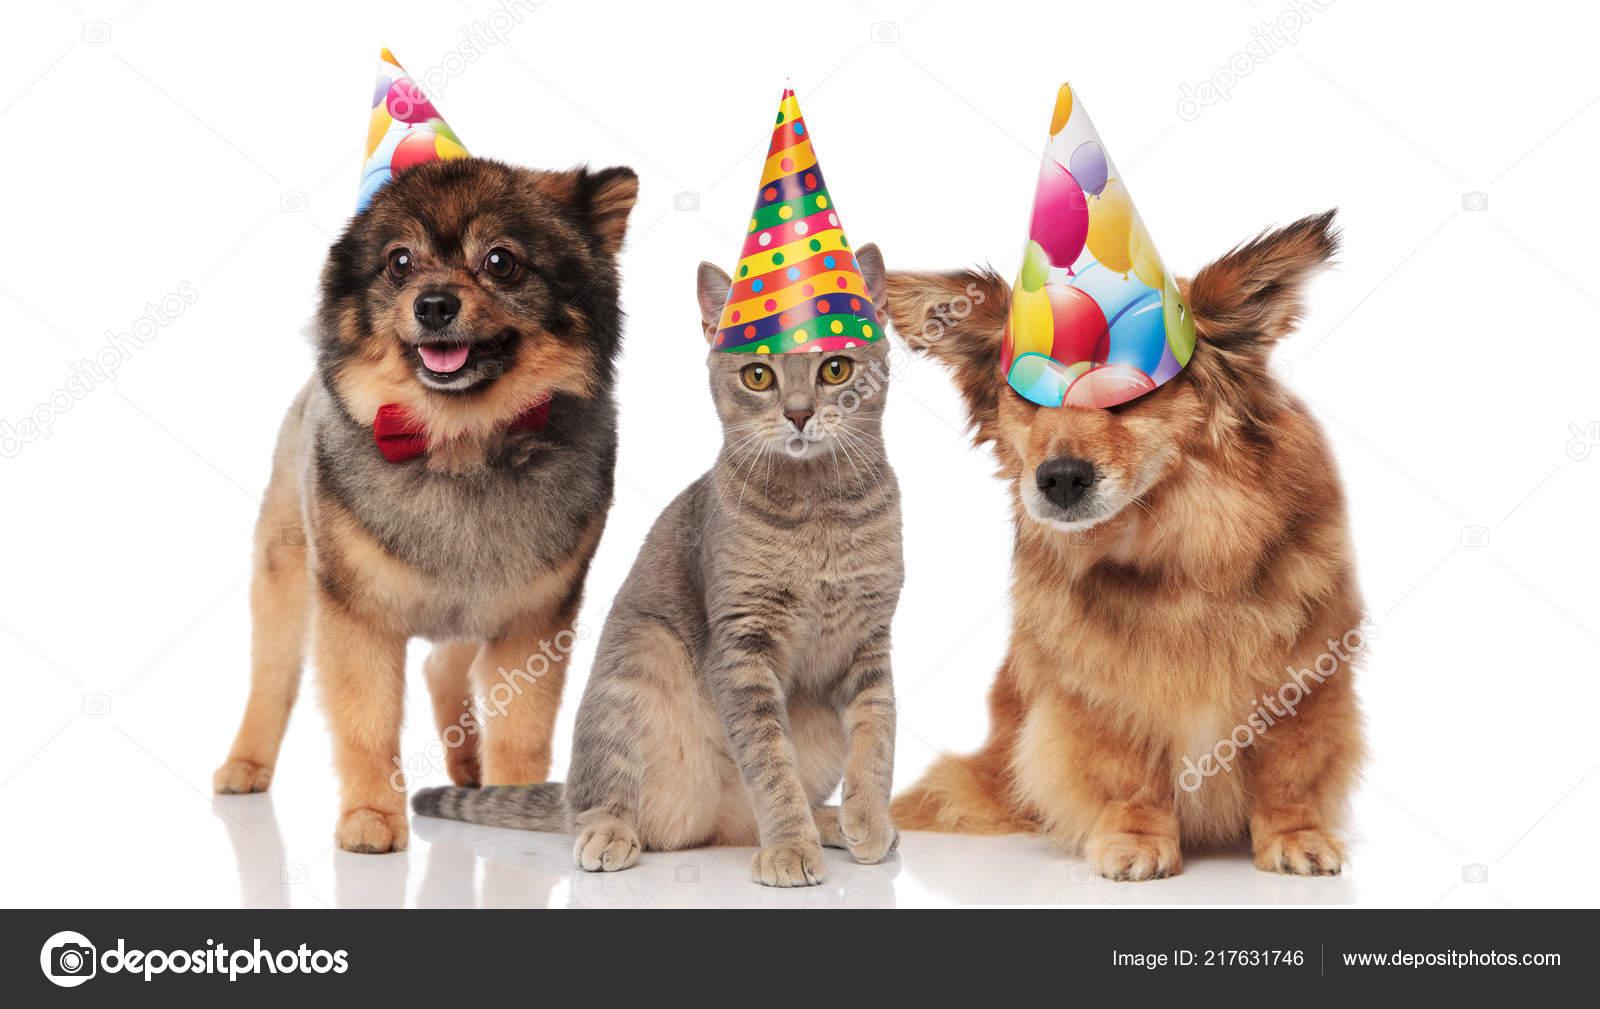 Lustige Party Hunde Und Eine Katze Tragen Geburtstag Kappen Beim